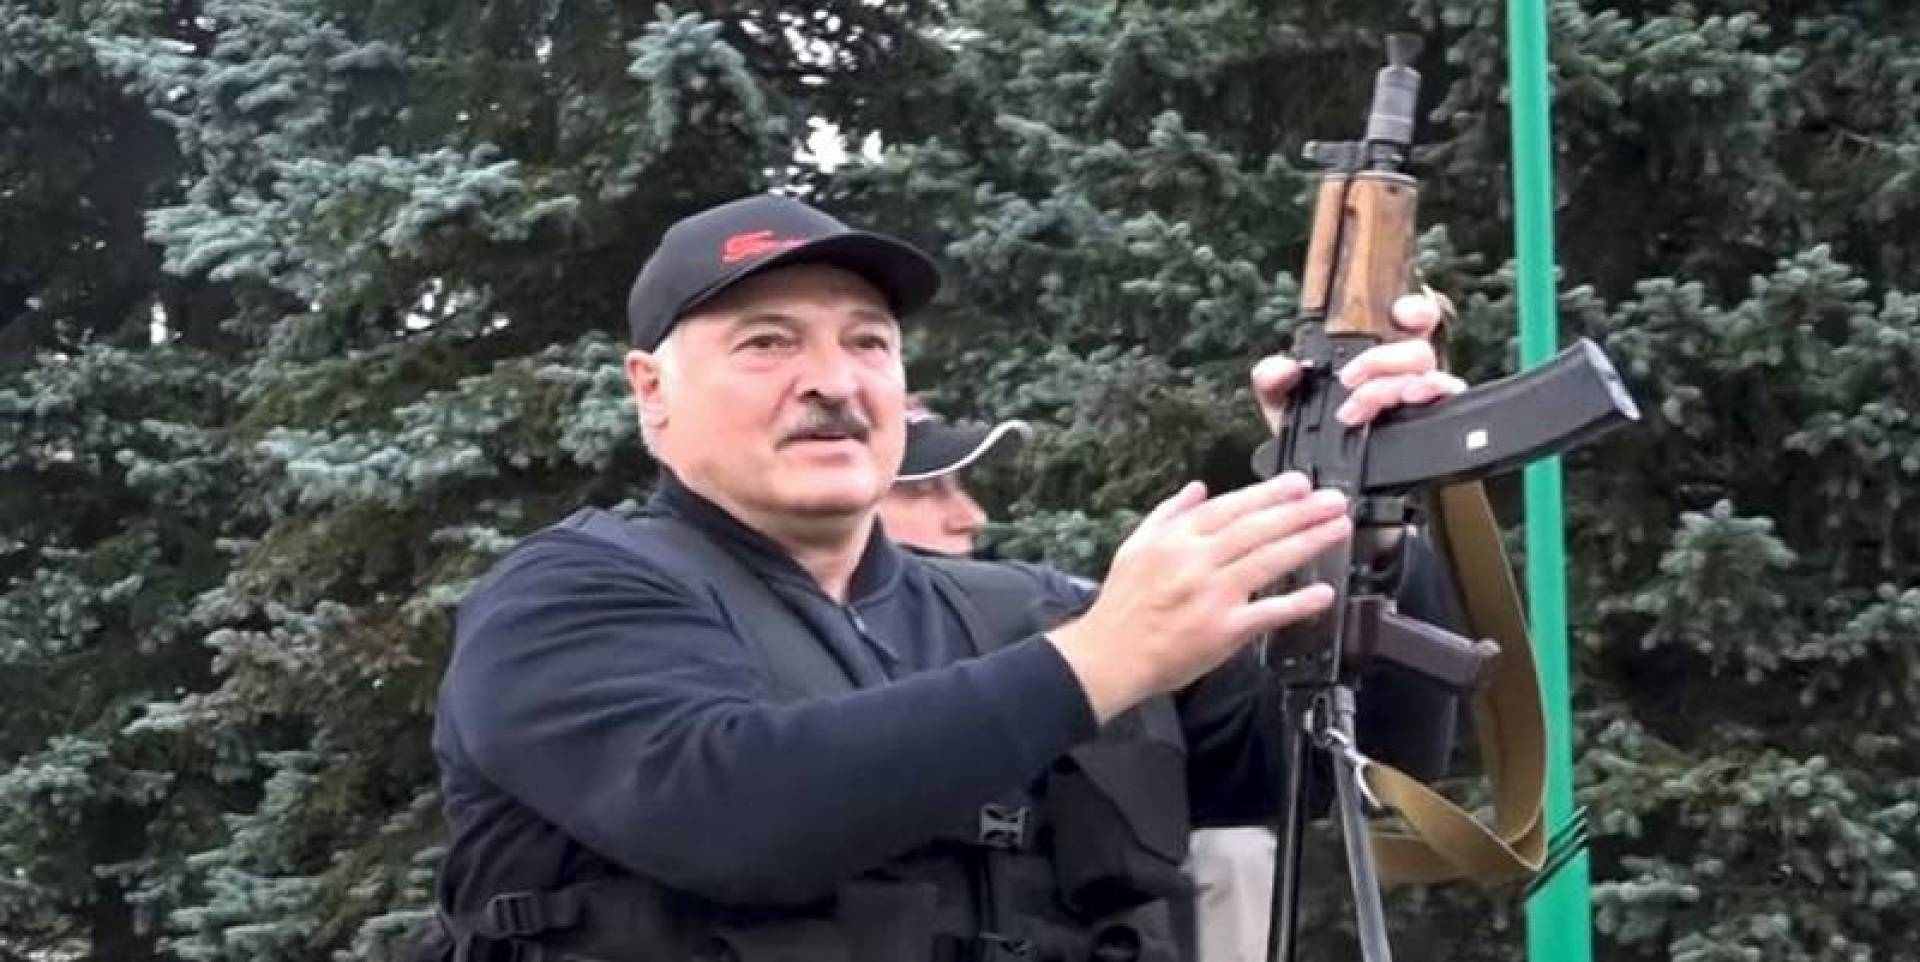 رئيس بيلاروسيا بـ«الكلاشينكوف» لمواجهة المحتجين